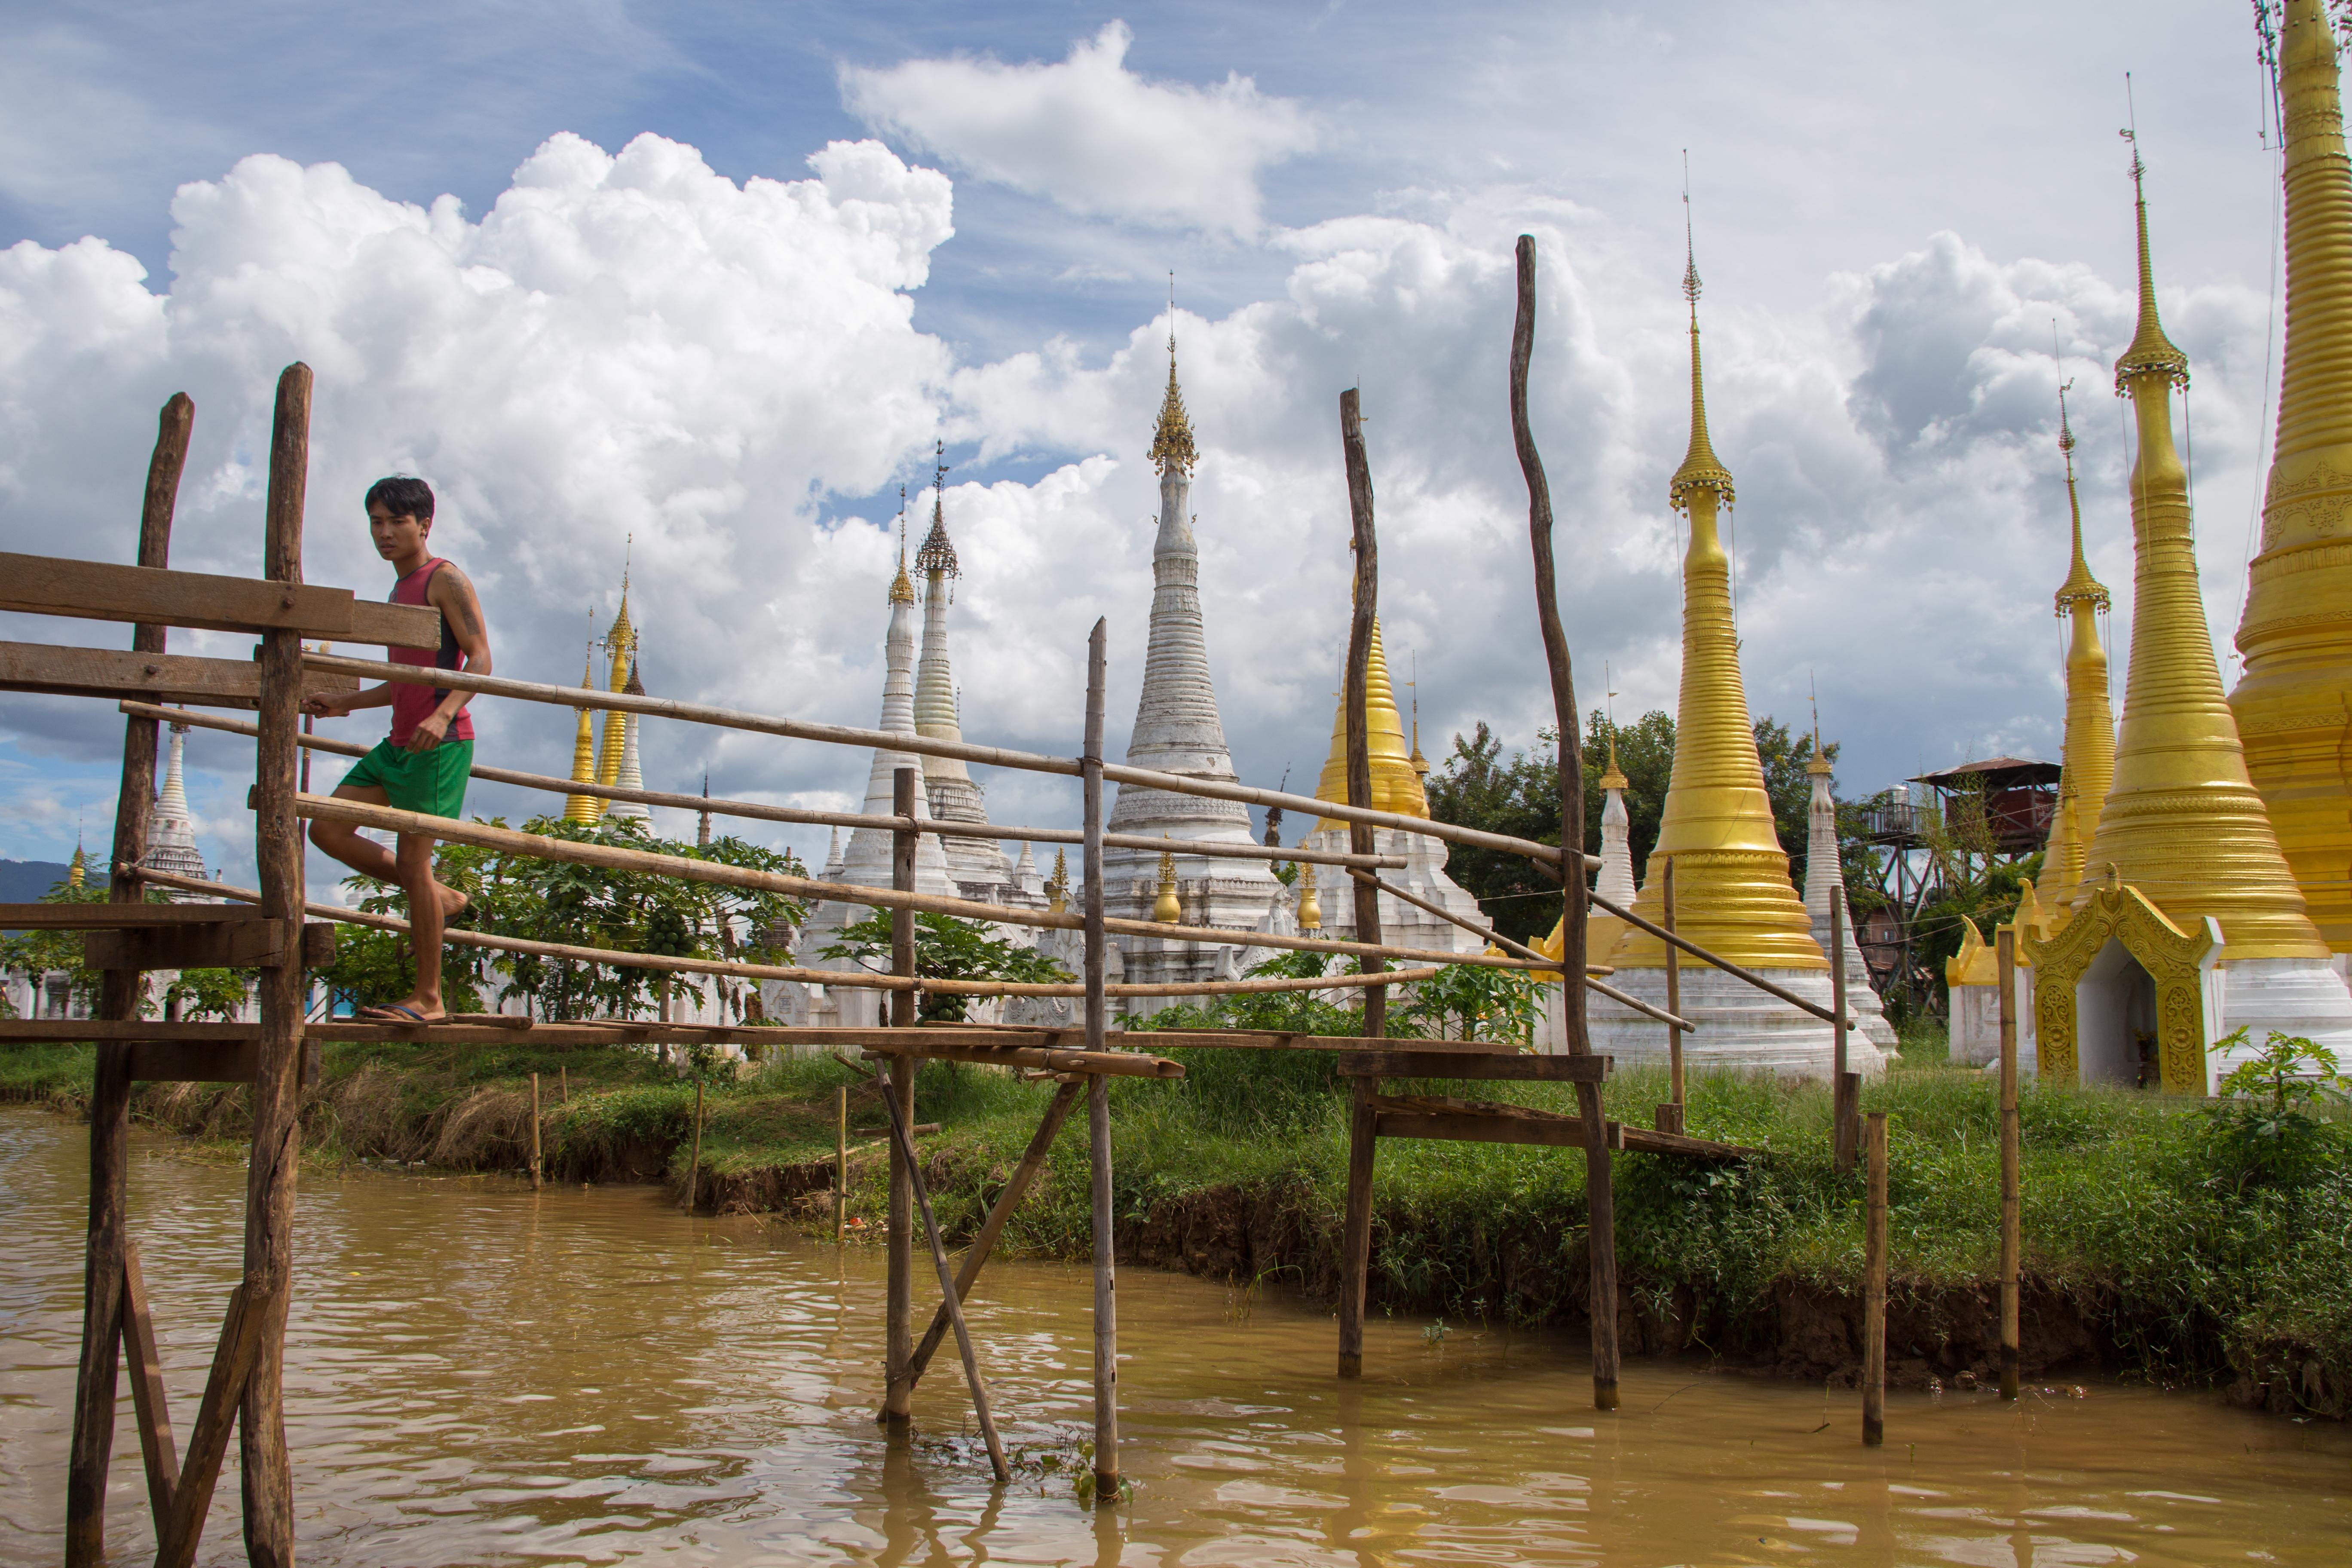 Ywa Ma floating village